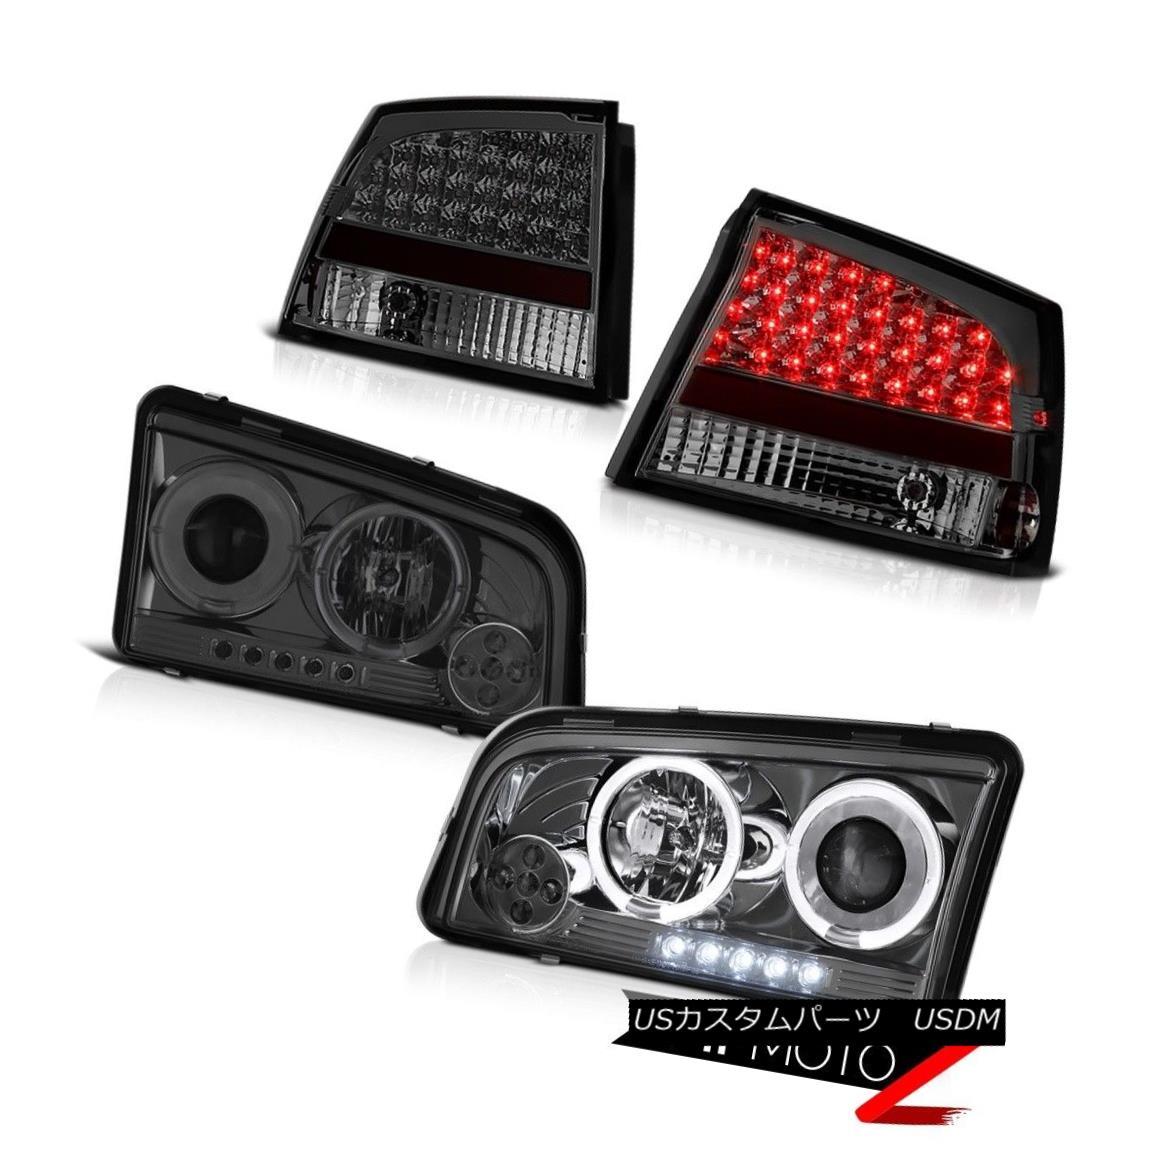 ヘッドライト 09 10 Charger DUB Smoked Headlight LED Halo Angel TailLight Tinted Smoked Bright 09 10充電器DUBスモークヘッドライトLED Halo Angel TailLightスモークブライト